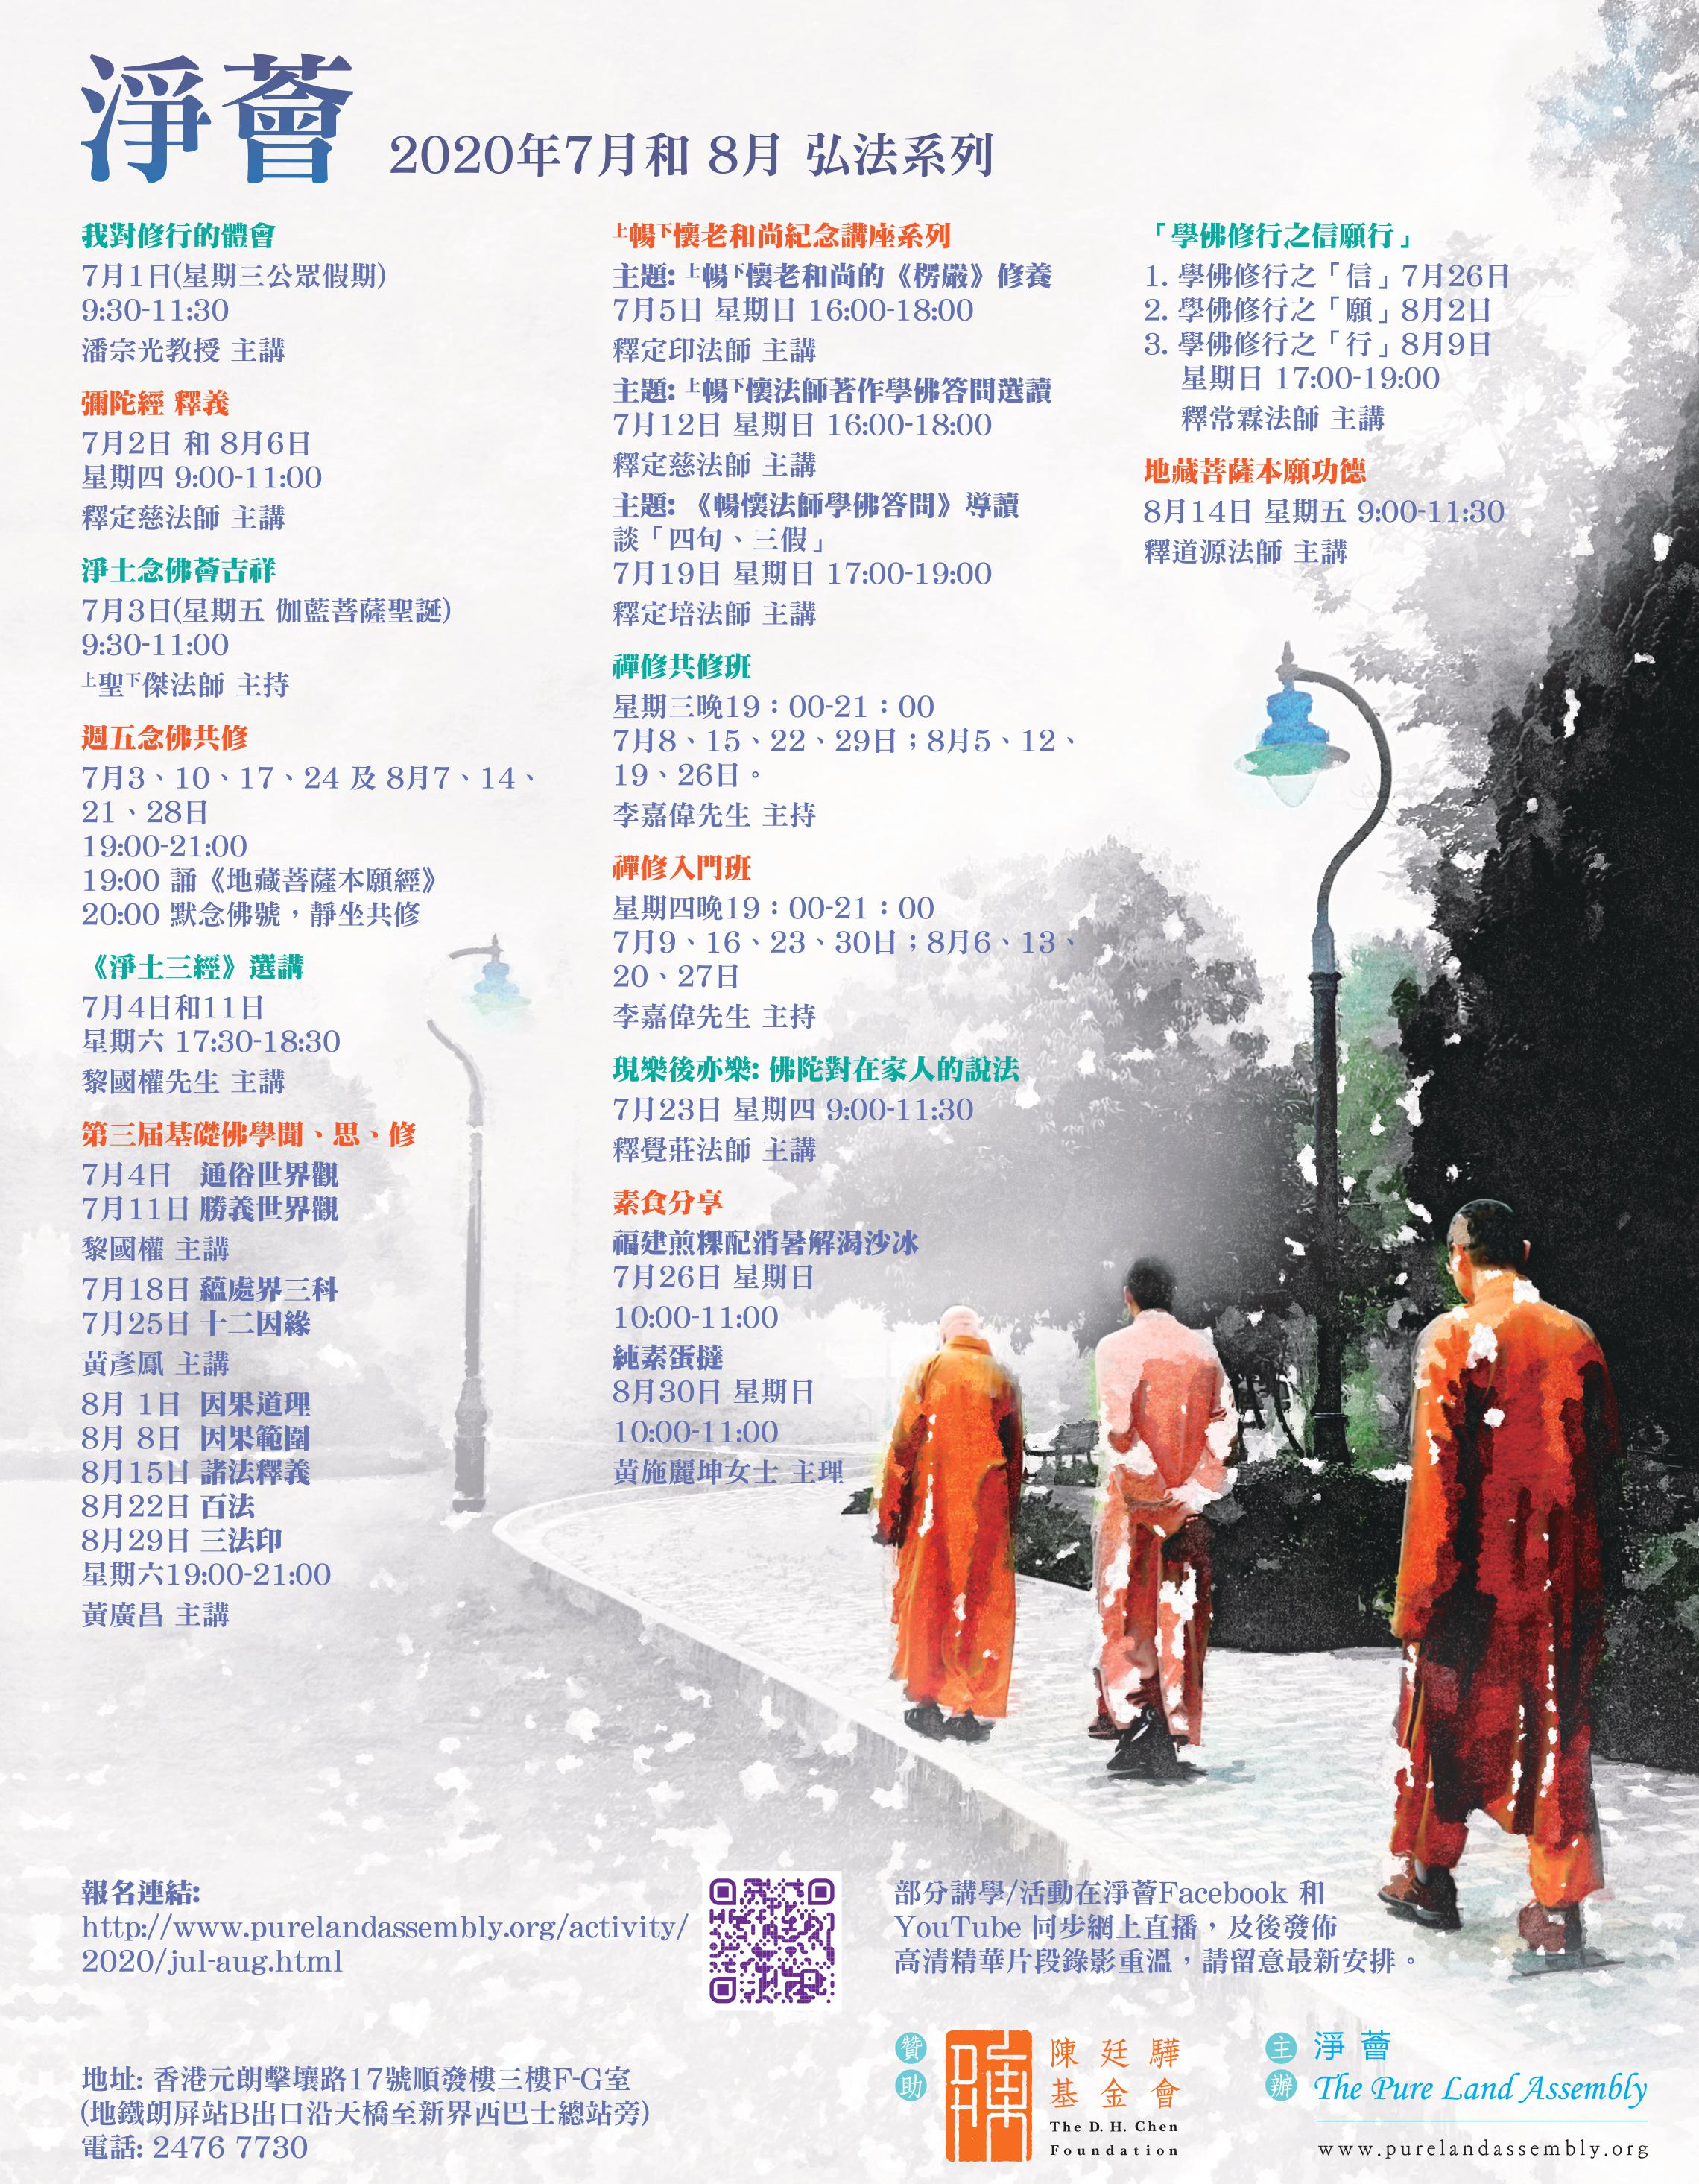 淨薈7月和8月的弘法活動